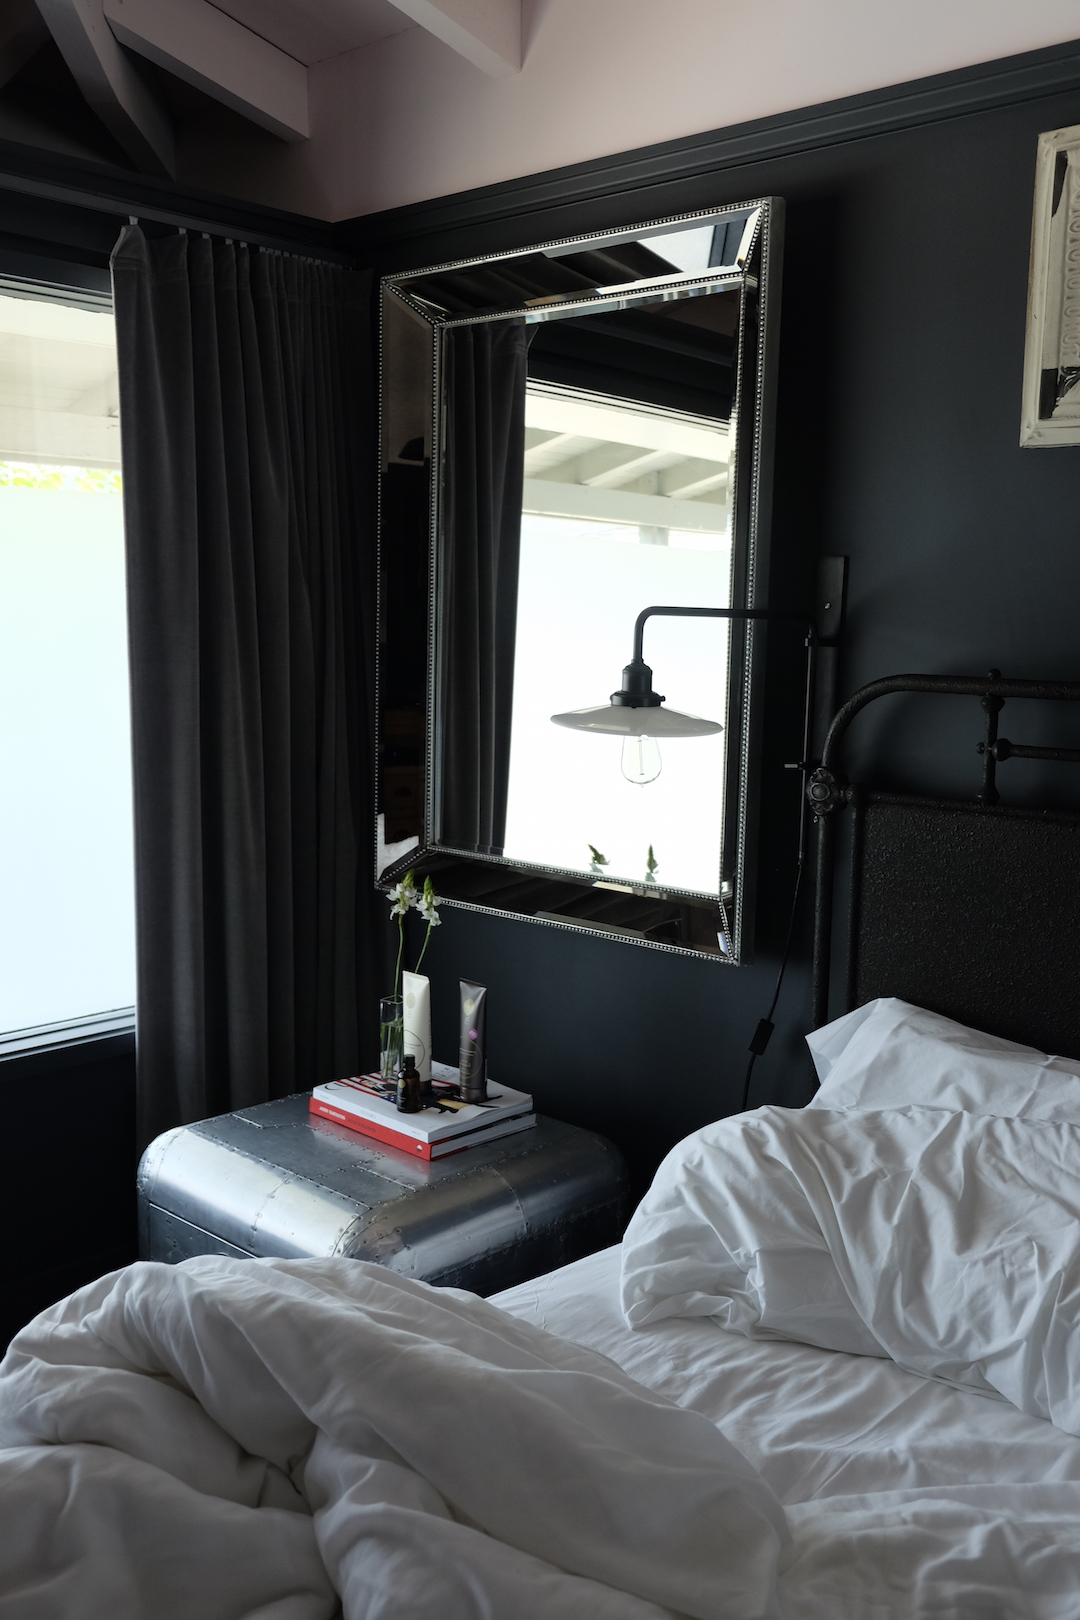 montauk_beachhouse-Hotel_querelles_07